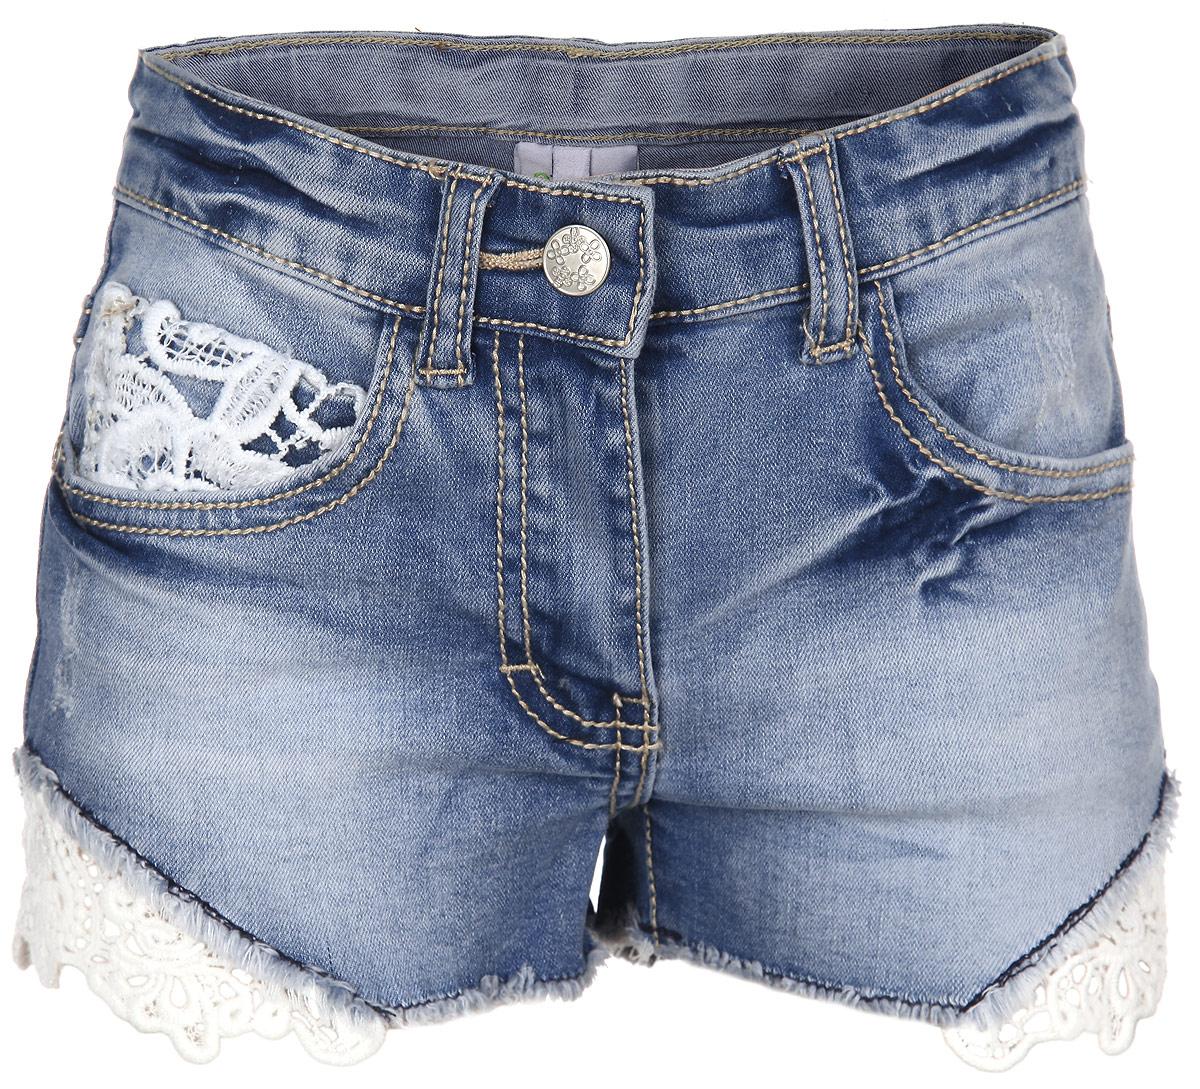 Шорты для девочки. 164056164056Стильные джинсовые шорты для девочки Scool идеально подойдут для активного отдыха и прогулок. Изготовленные из эластичного хлопка с добавлением полиэстера, они необычайно мягкие и приятные на ощупь, не сковывают движения малышки и позволяют коже дышать, не раздражают даже самую нежную и чувствительную кожу ребенка, обеспечивая наибольший комфорт. Короткие шортики застегиваются на ширинку на застежке-молнии и пуговицу на поясе. С внутренней стороны объем пояса регулируется при помощи эластичной резинки с пуговицей. Модель дополнена двумя втачными карманами и маленьким накладным кармашком спереди, а также двумя накладными карманами сзади. Шорты оформлены изысканными кружевными вставками. Оригинальный современный дизайн и модная расцветка делают эти шорты модным и стильным предметом детского гардероба. В них ваша малышка всегда будет в центре внимания!